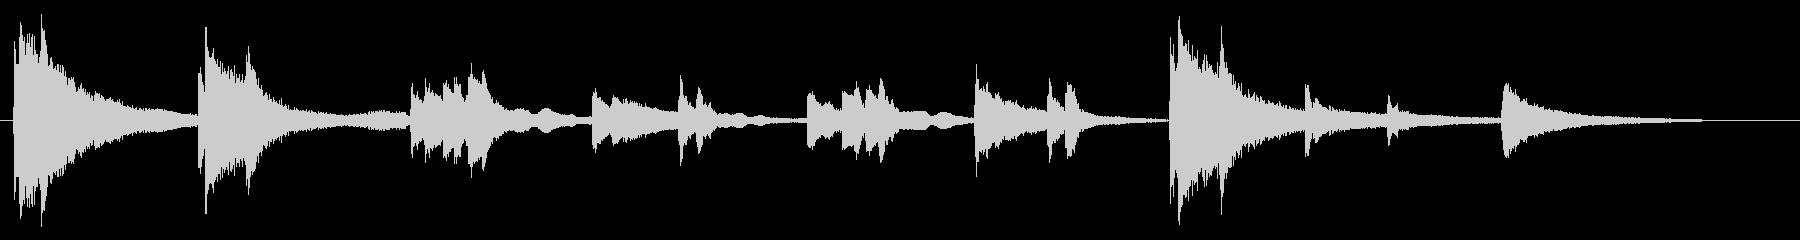 絶望のピアノソロ曲の未再生の波形